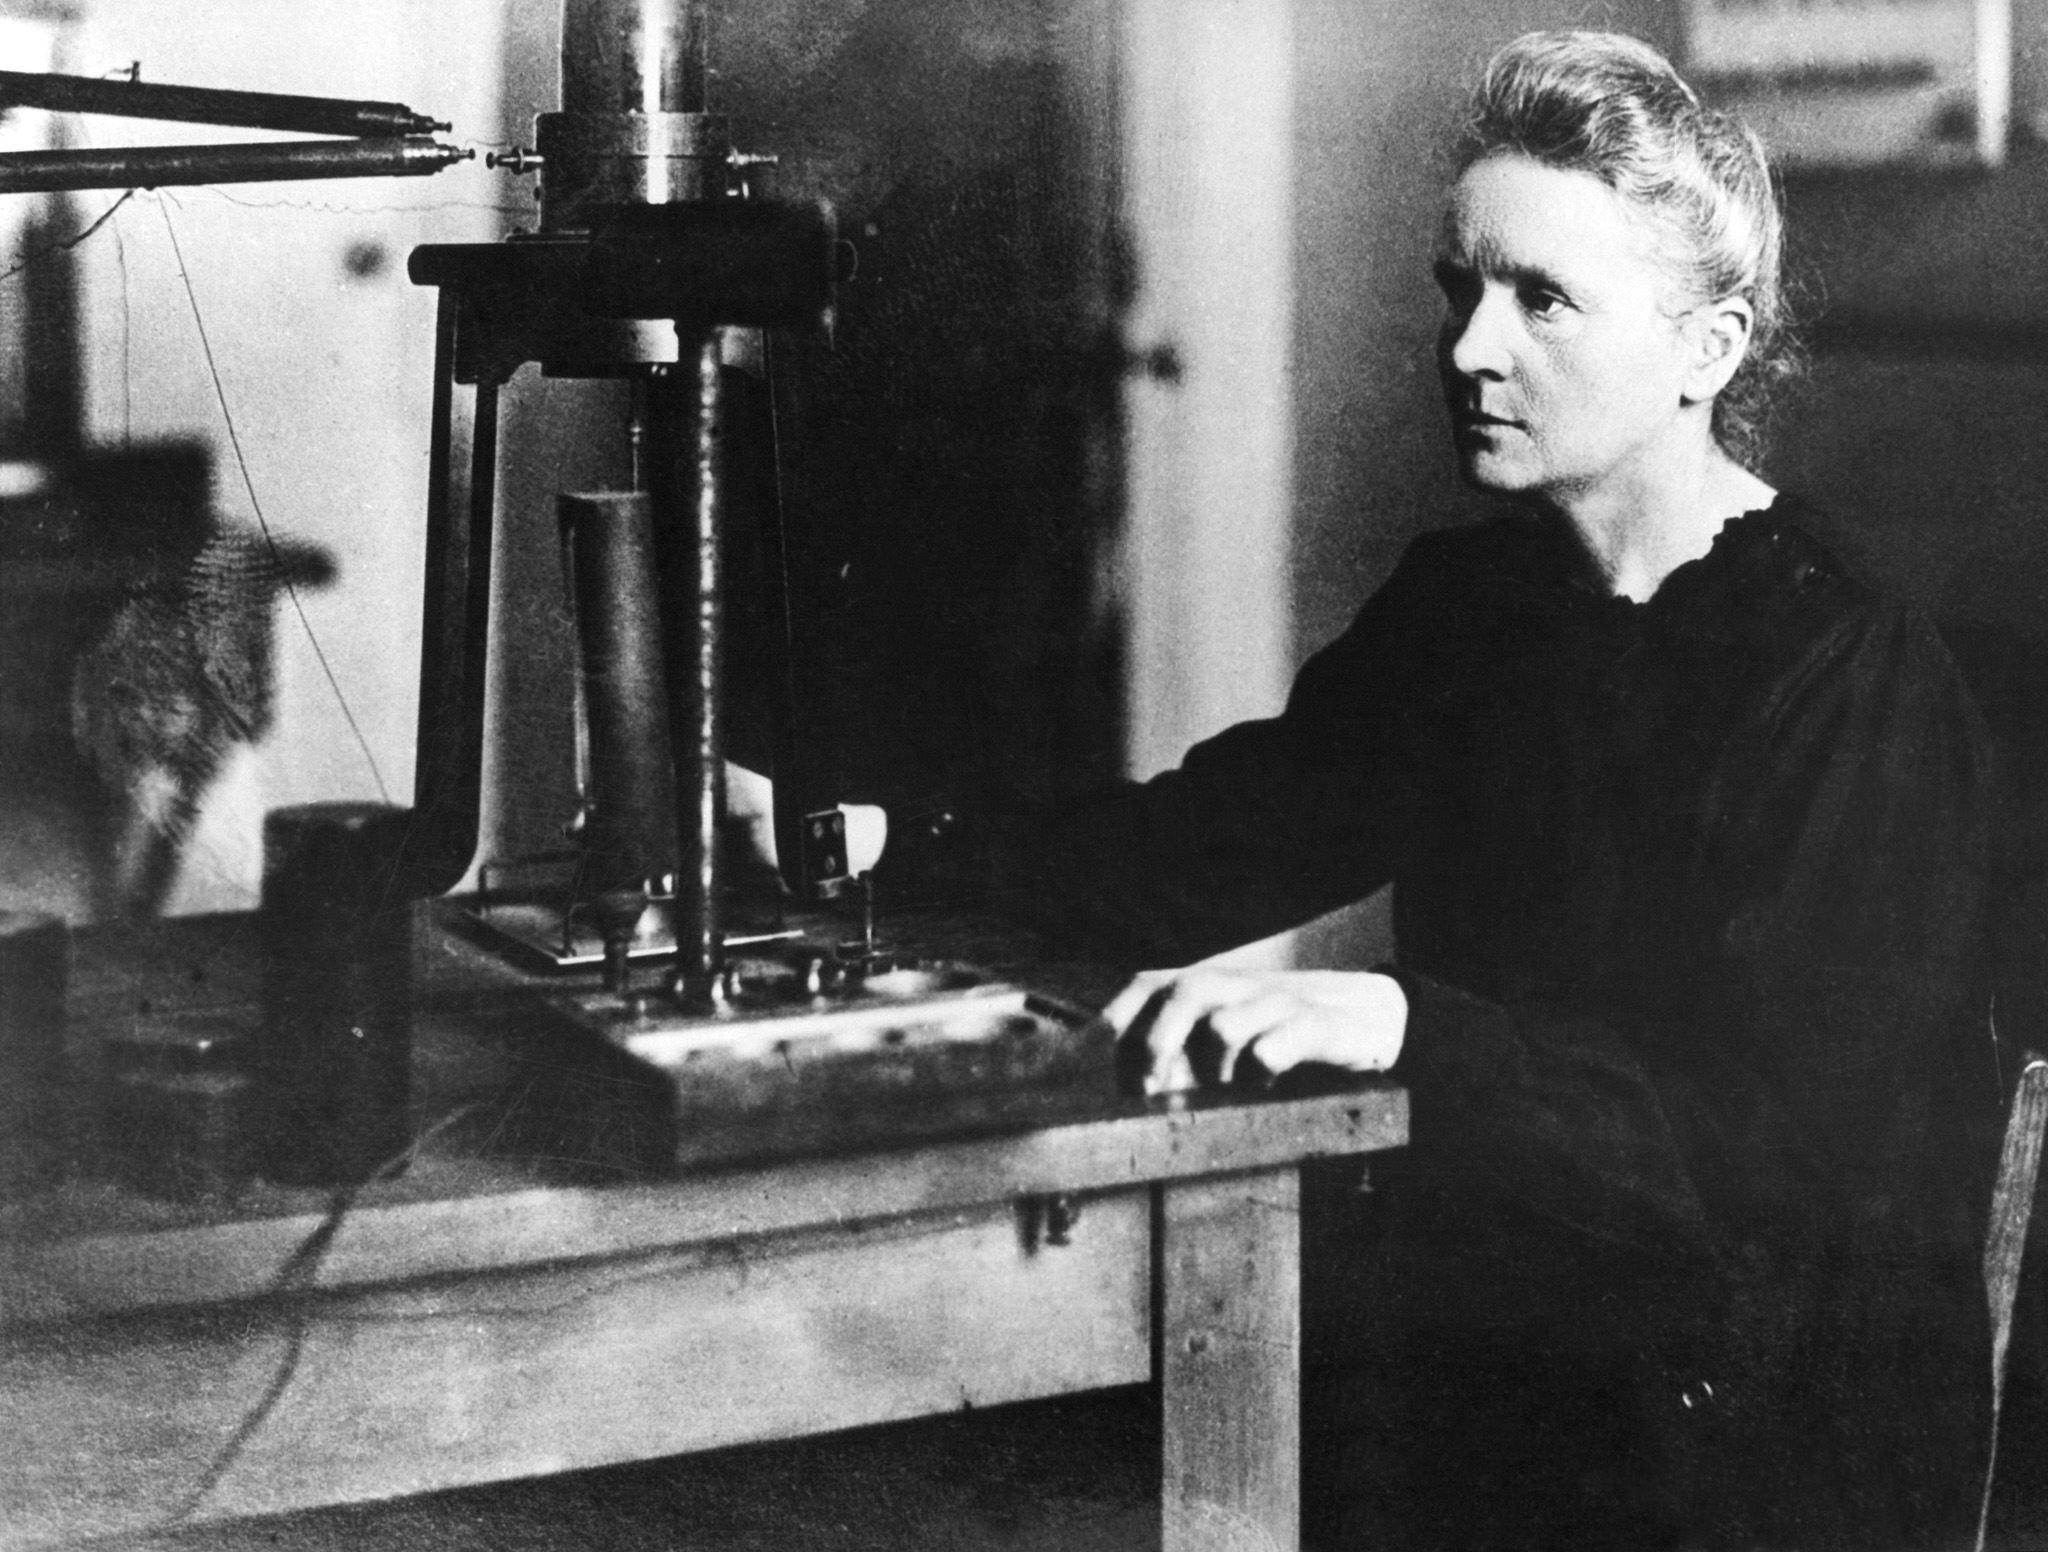 1911年,居禮夫人獲得諾貝爾化學獎,居禮夫人也是第一位獲得諾貝爾獎的女性。